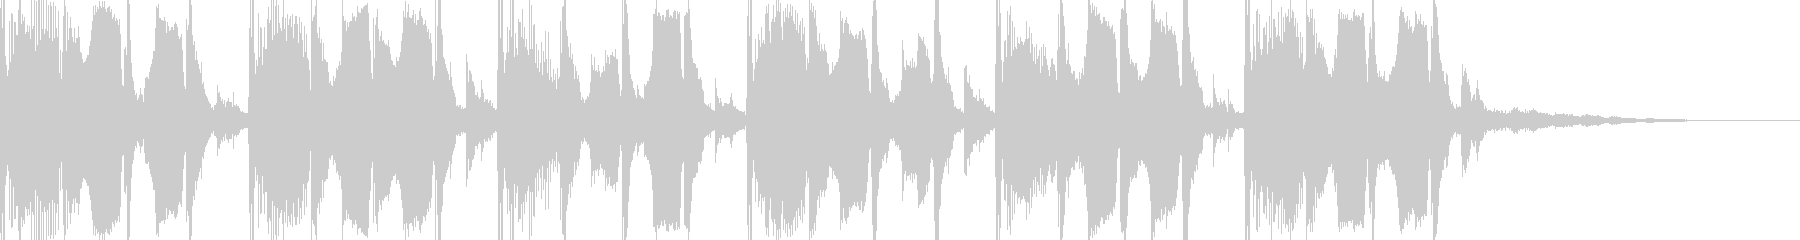 ゆったりとしたテクノ風BGMの未再生の波形